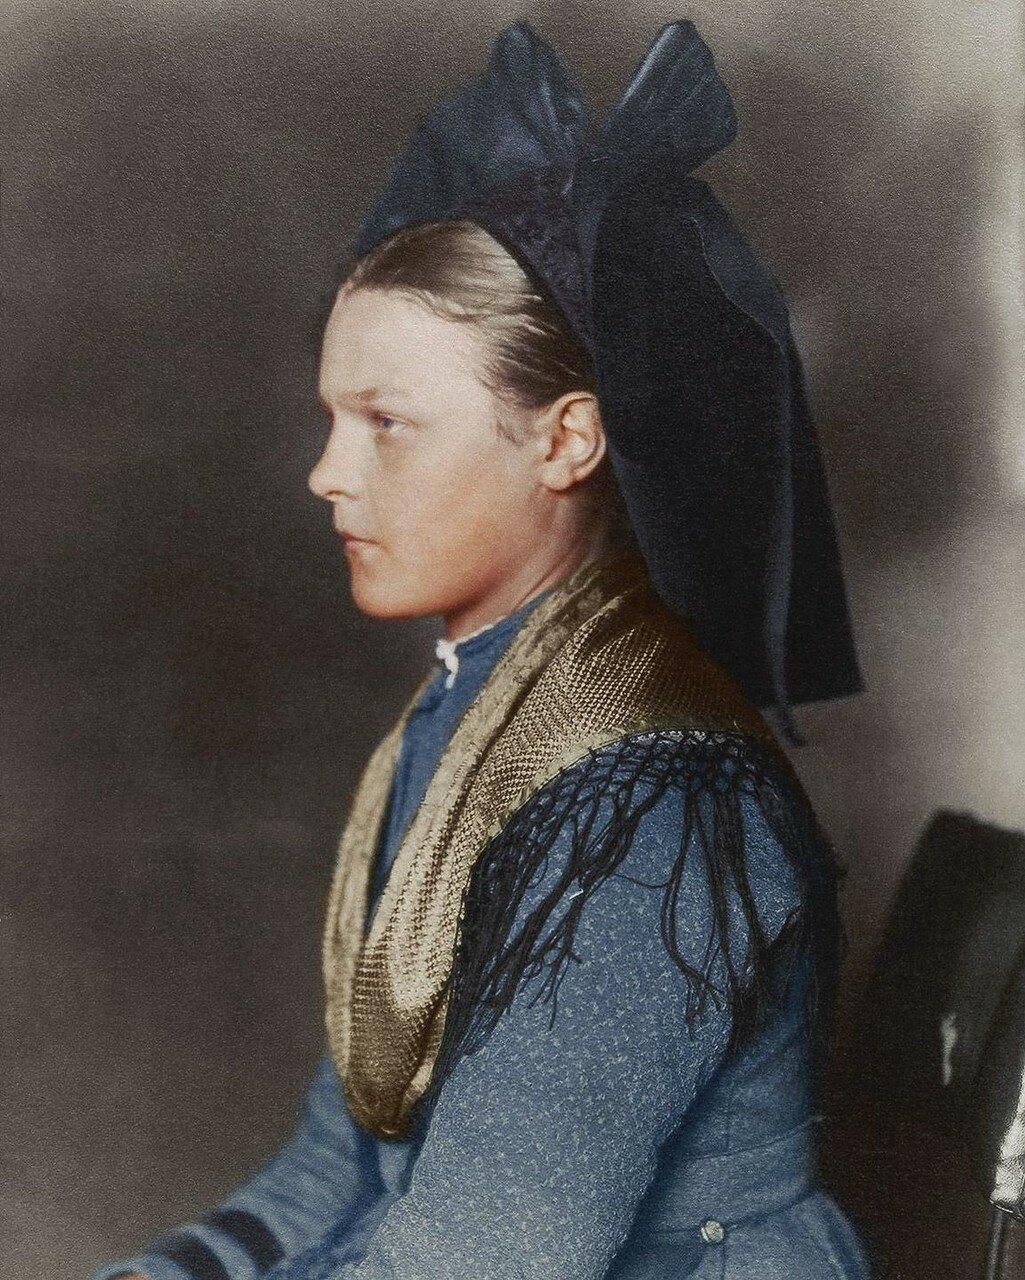 Девушка из региона Эльзас-Лотарингия. 1910